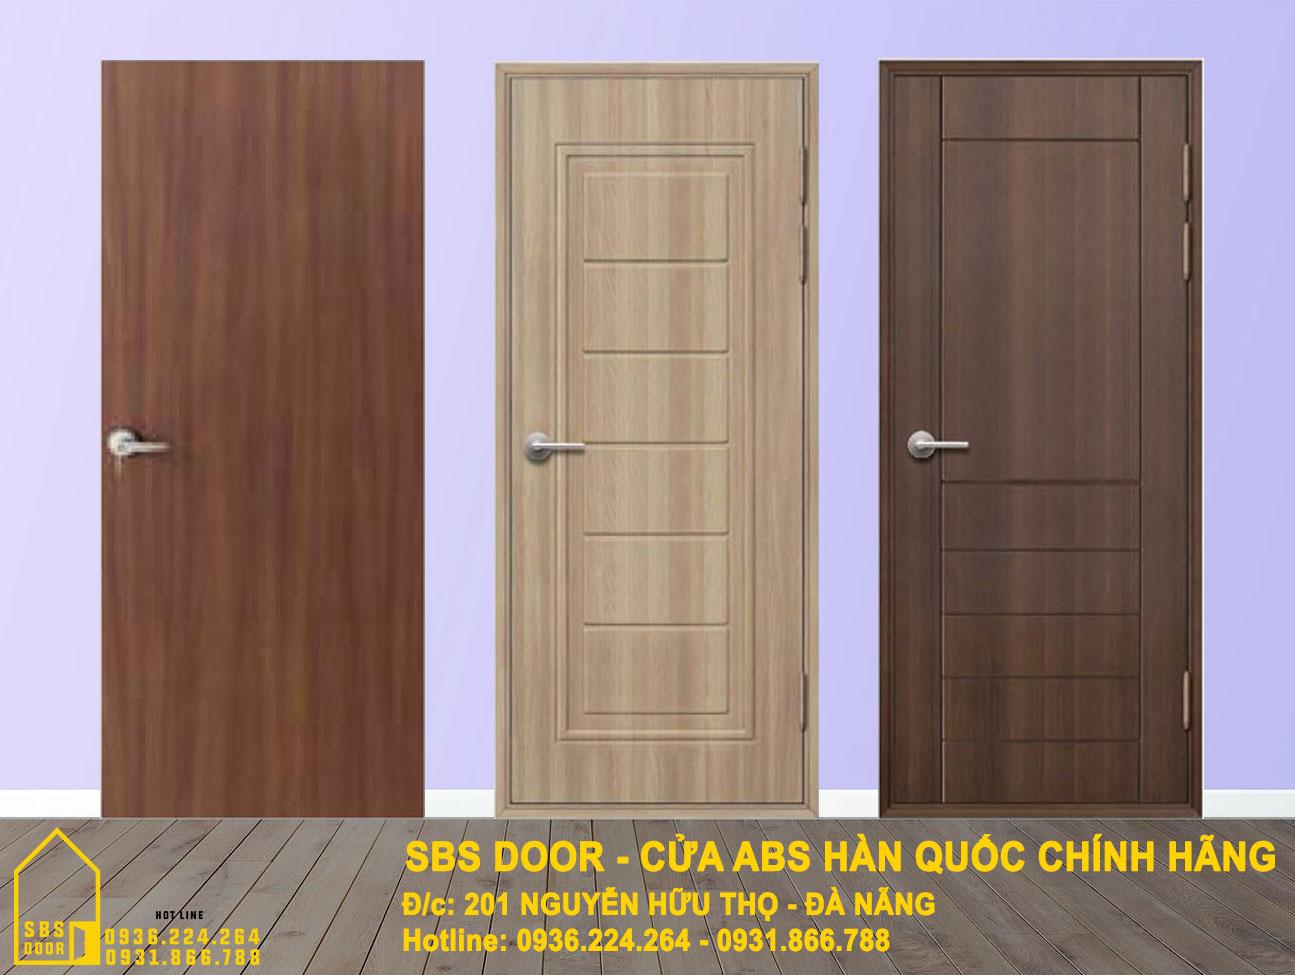 Báo giá cửa nhựa ABS Hàn Quốc